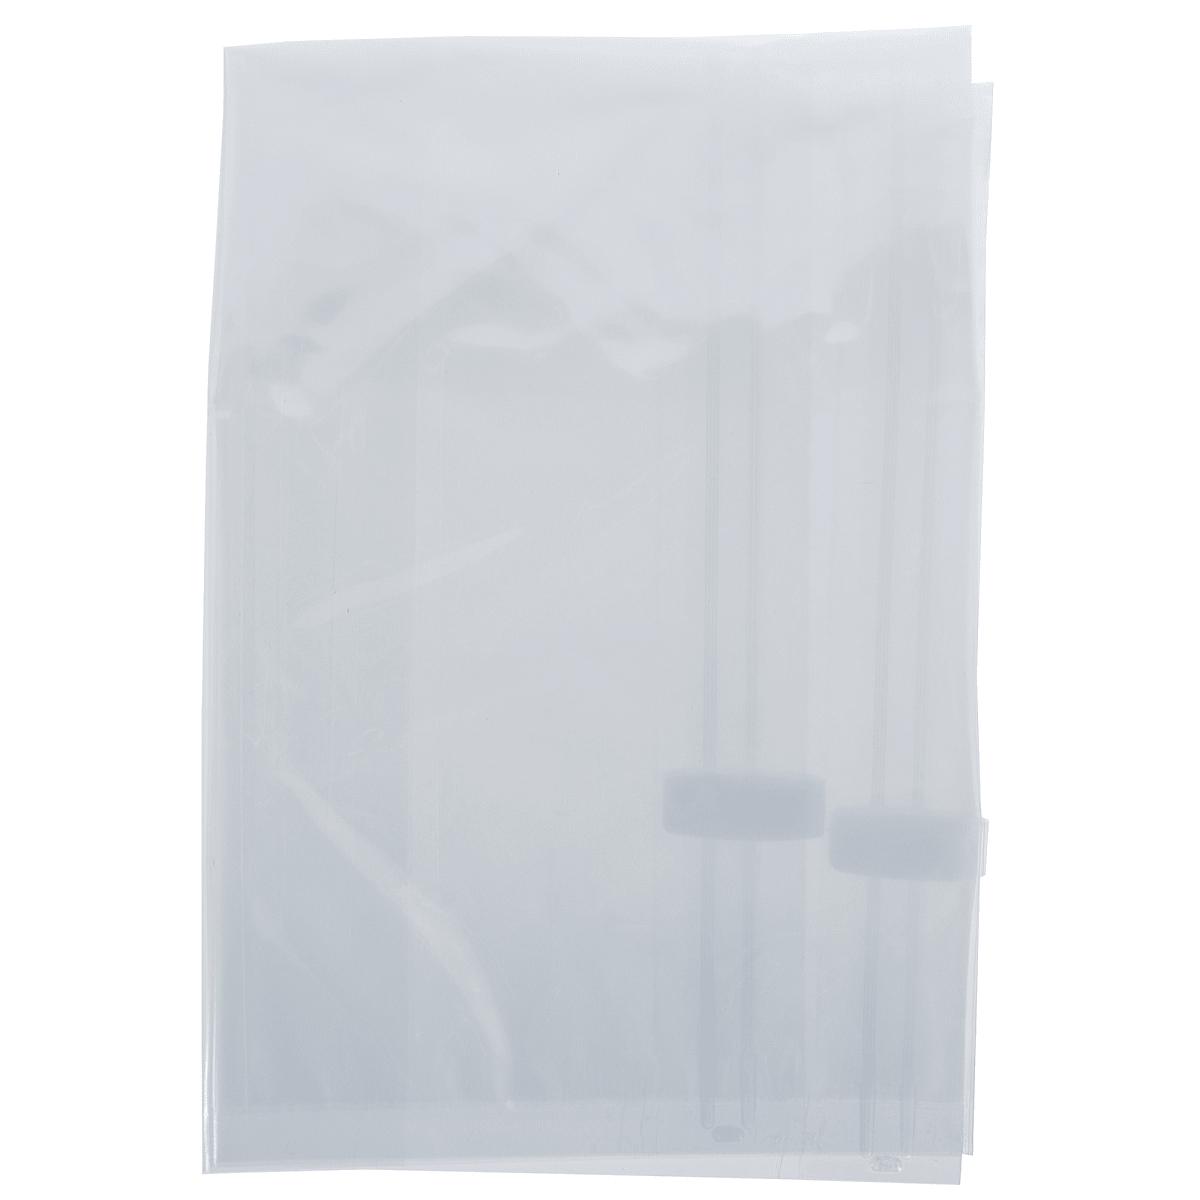 Вакуумный пакет Spaceo без клапана 30х45 см, 2 шт.